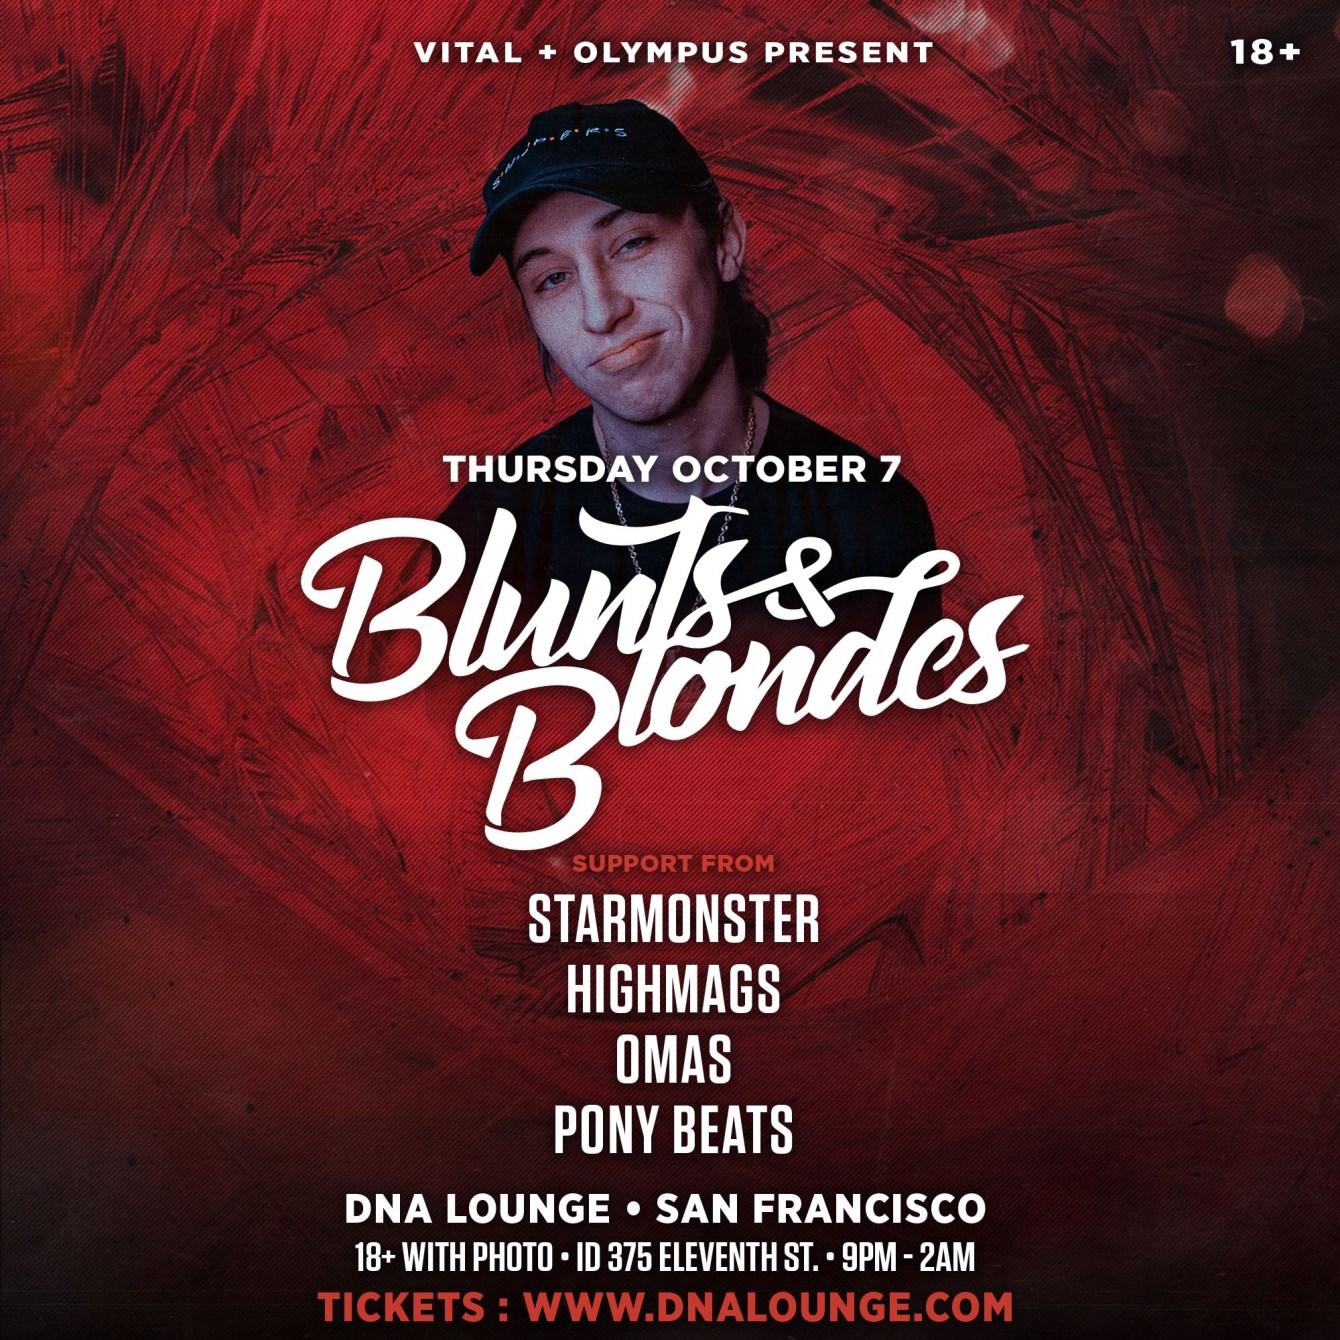 Blunts & Blondes Live @ DNA Lounge - Flyer front